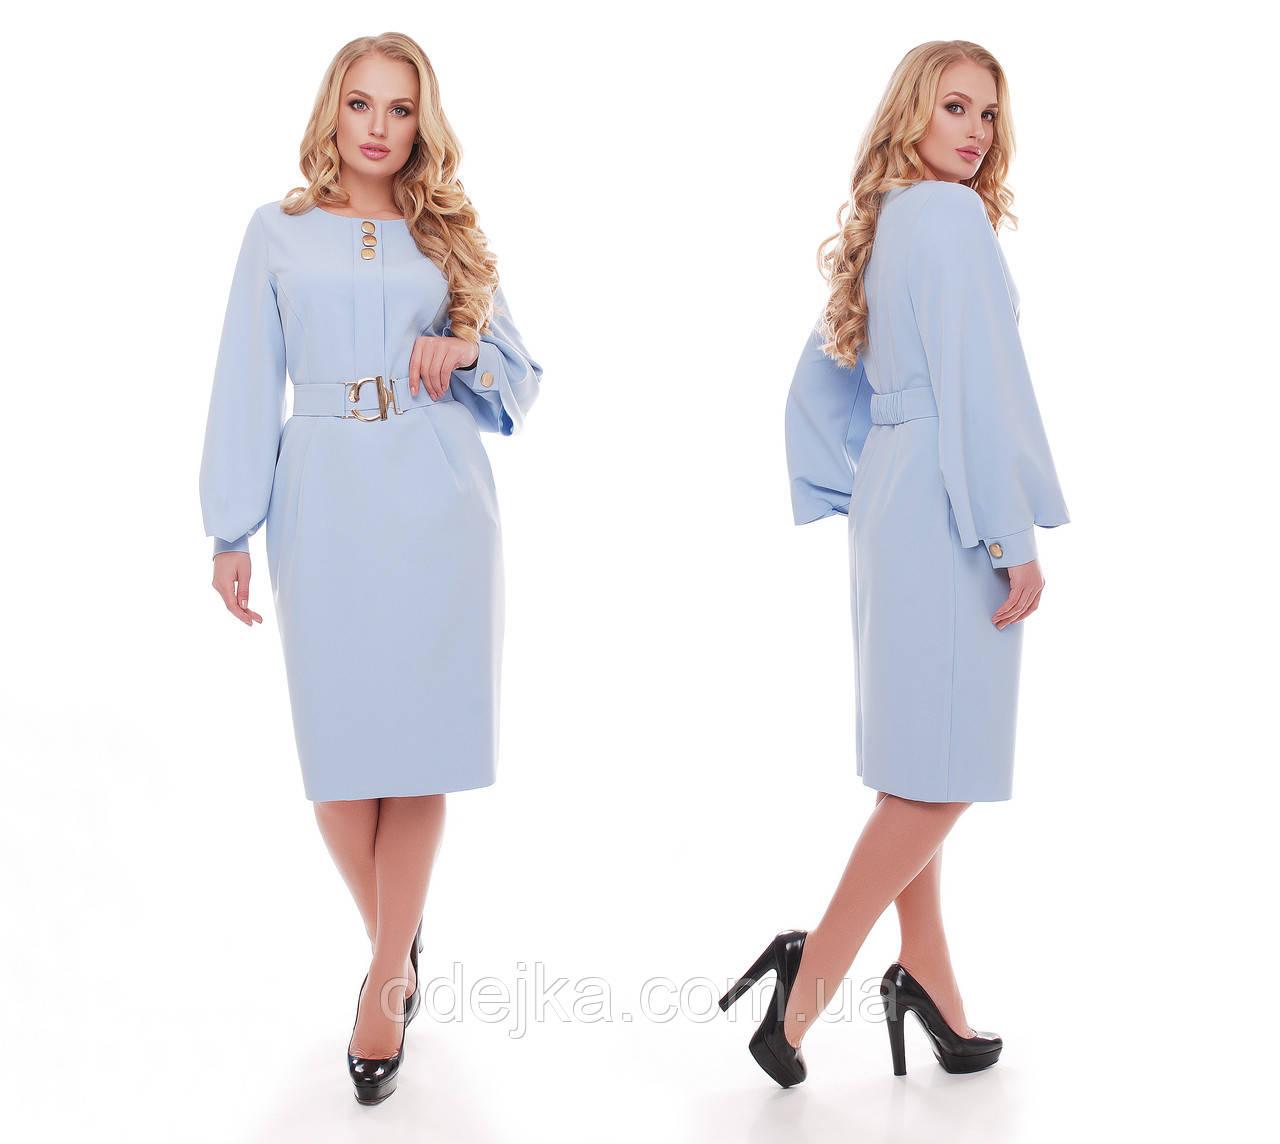 Елегантне плаття жіноче Катерина блакитного кольору